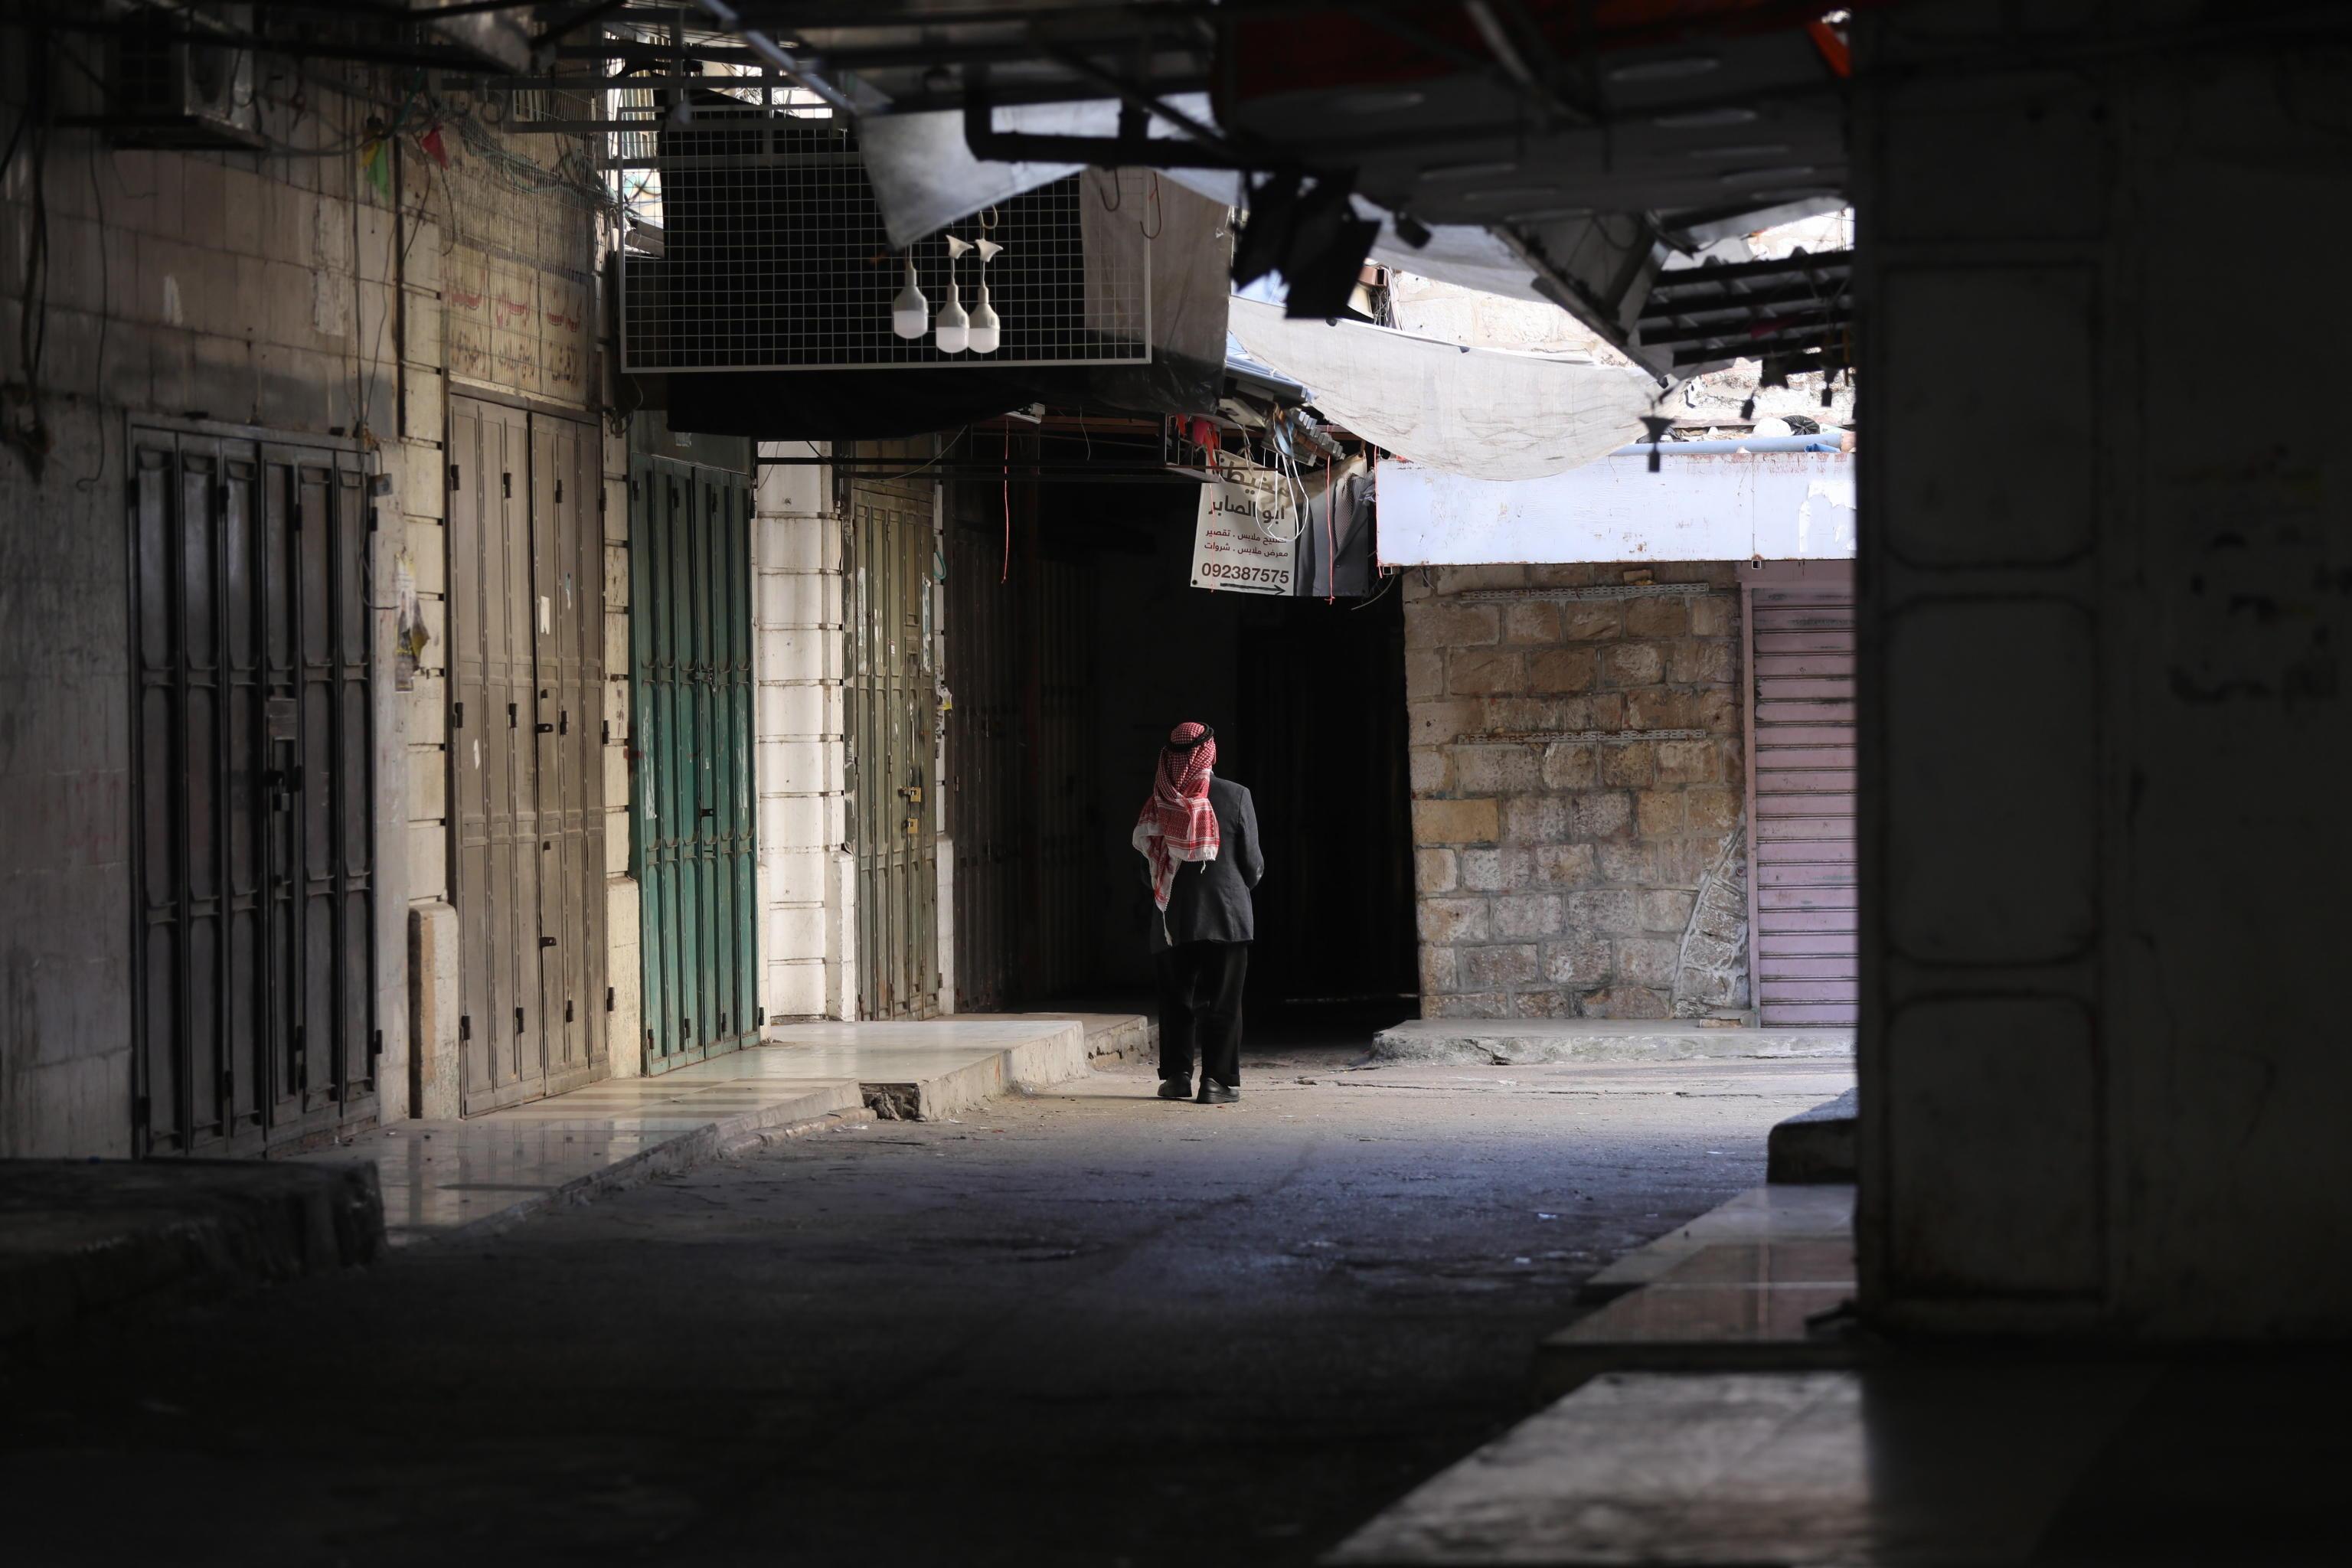 Sciopero generale degli arabi in Israele, Hamas e Fatah dichiarano la «Giornata di rabbia». Riprendono i bombardamenti su Gaza